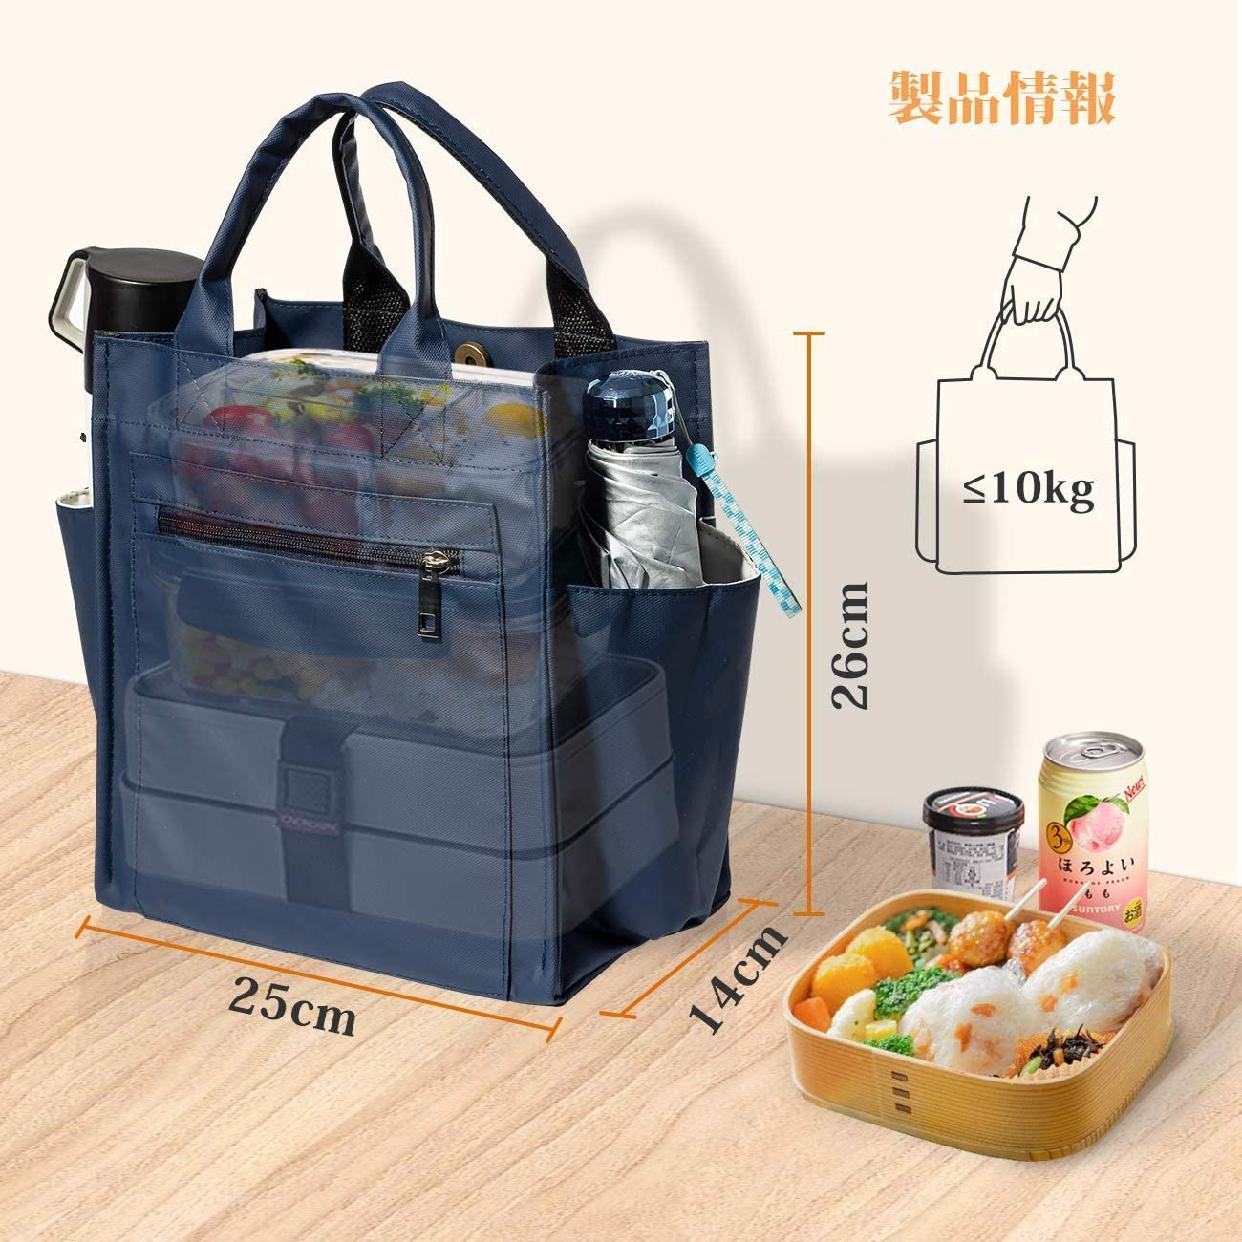 Boumuno(ボウムノ)ランチバッグ ブルーの商品画像6